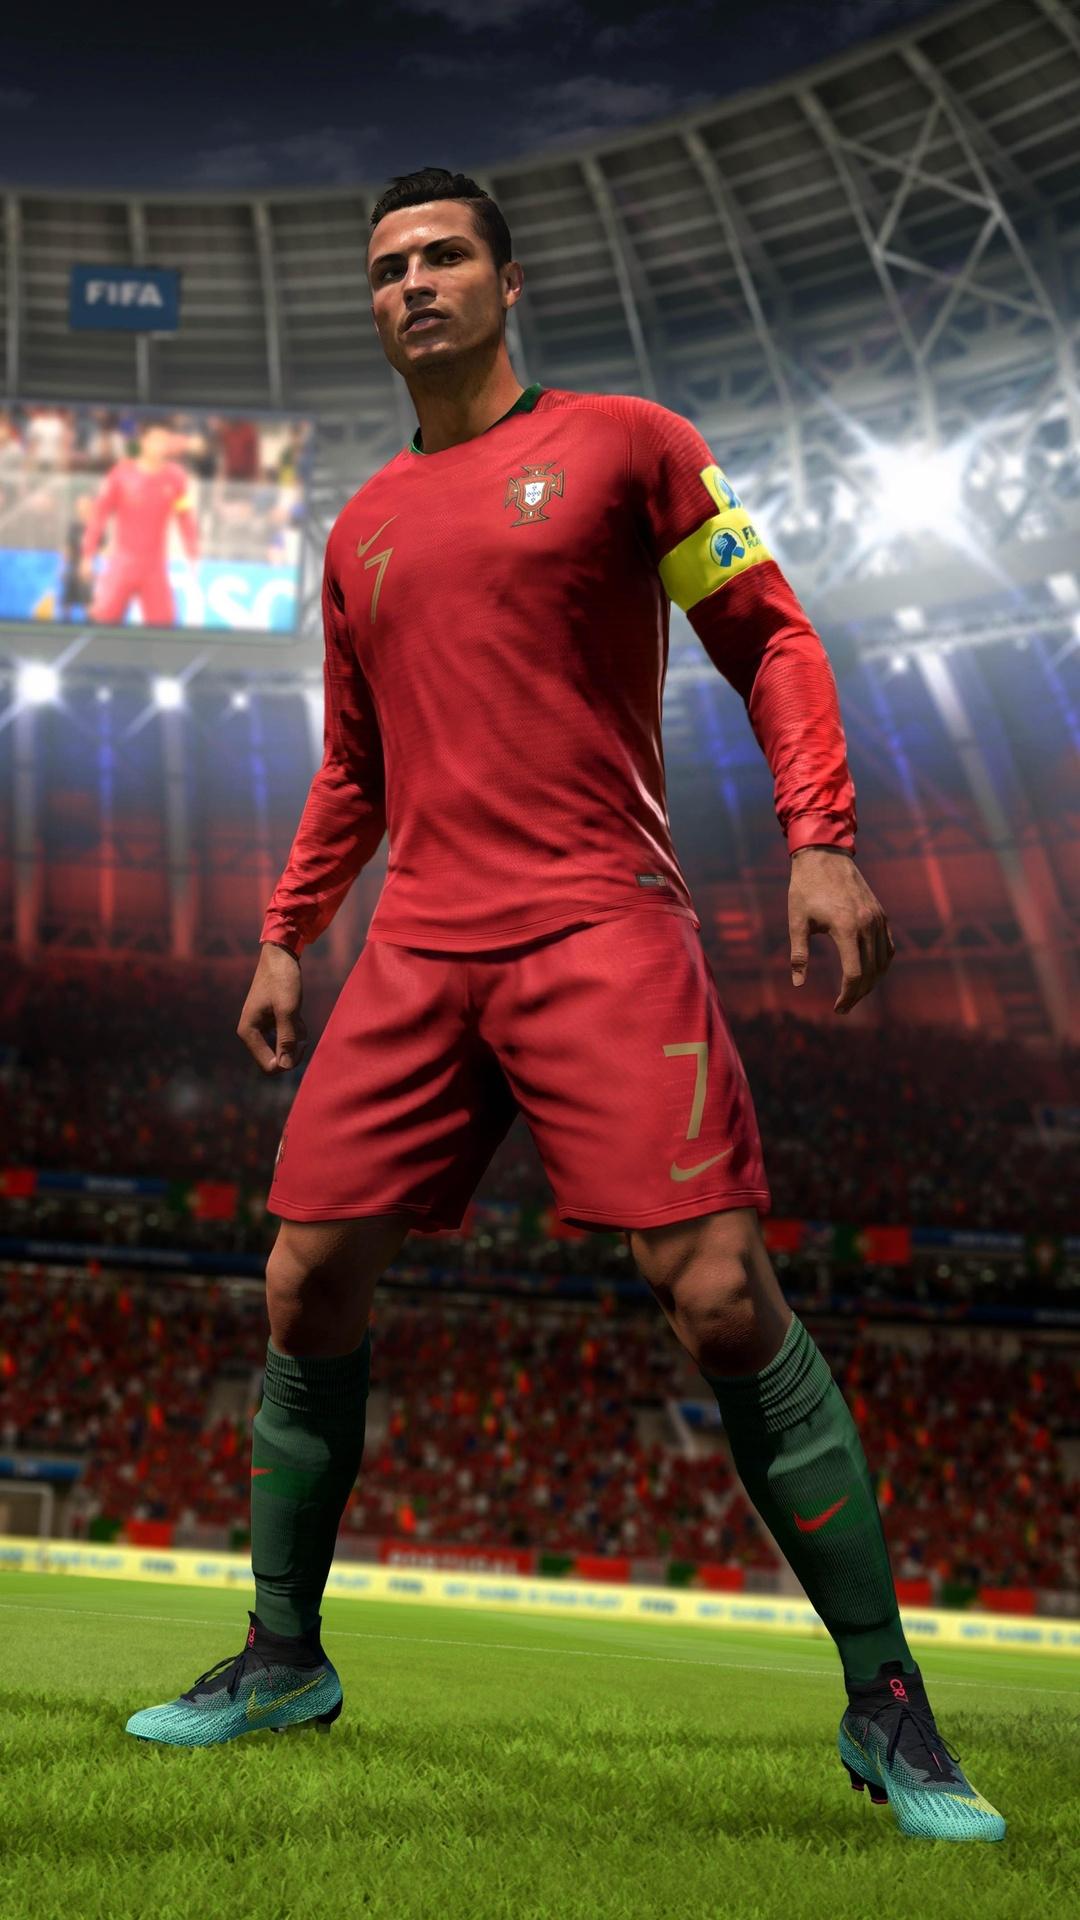 1080x1920 Ronaldo Fifa 18 8k Iphone 76s6 Plus Pixel Xl